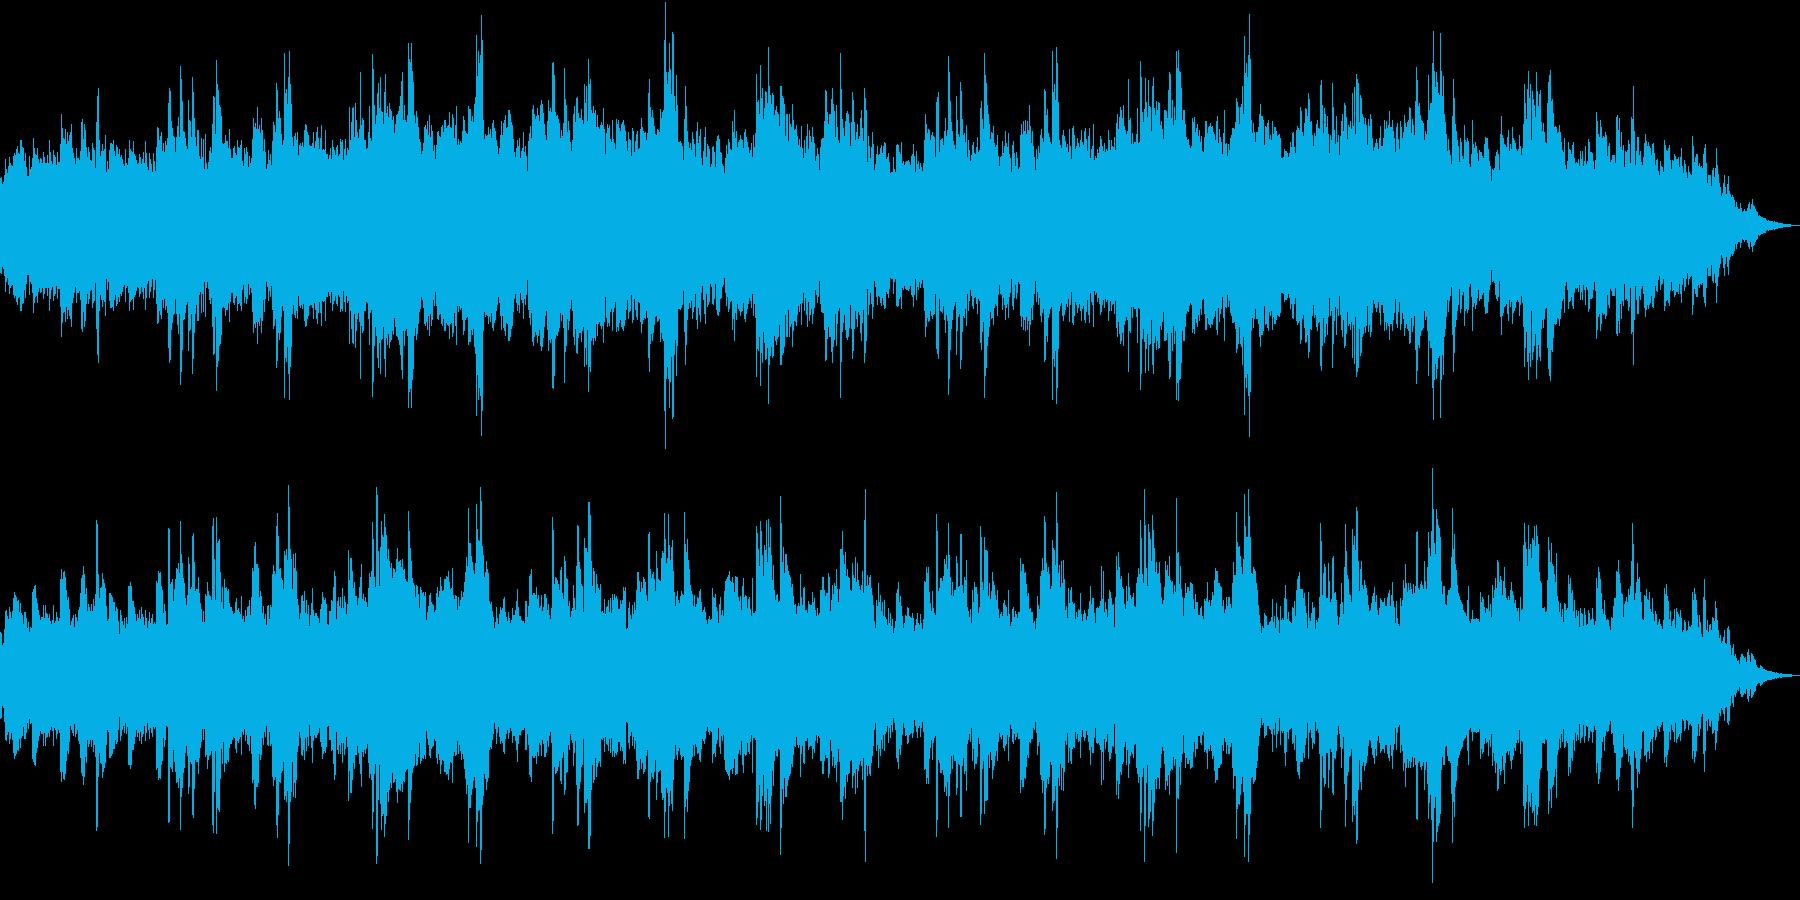 戦争ドキュメントで流れそうなピアノソロ曲の再生済みの波形